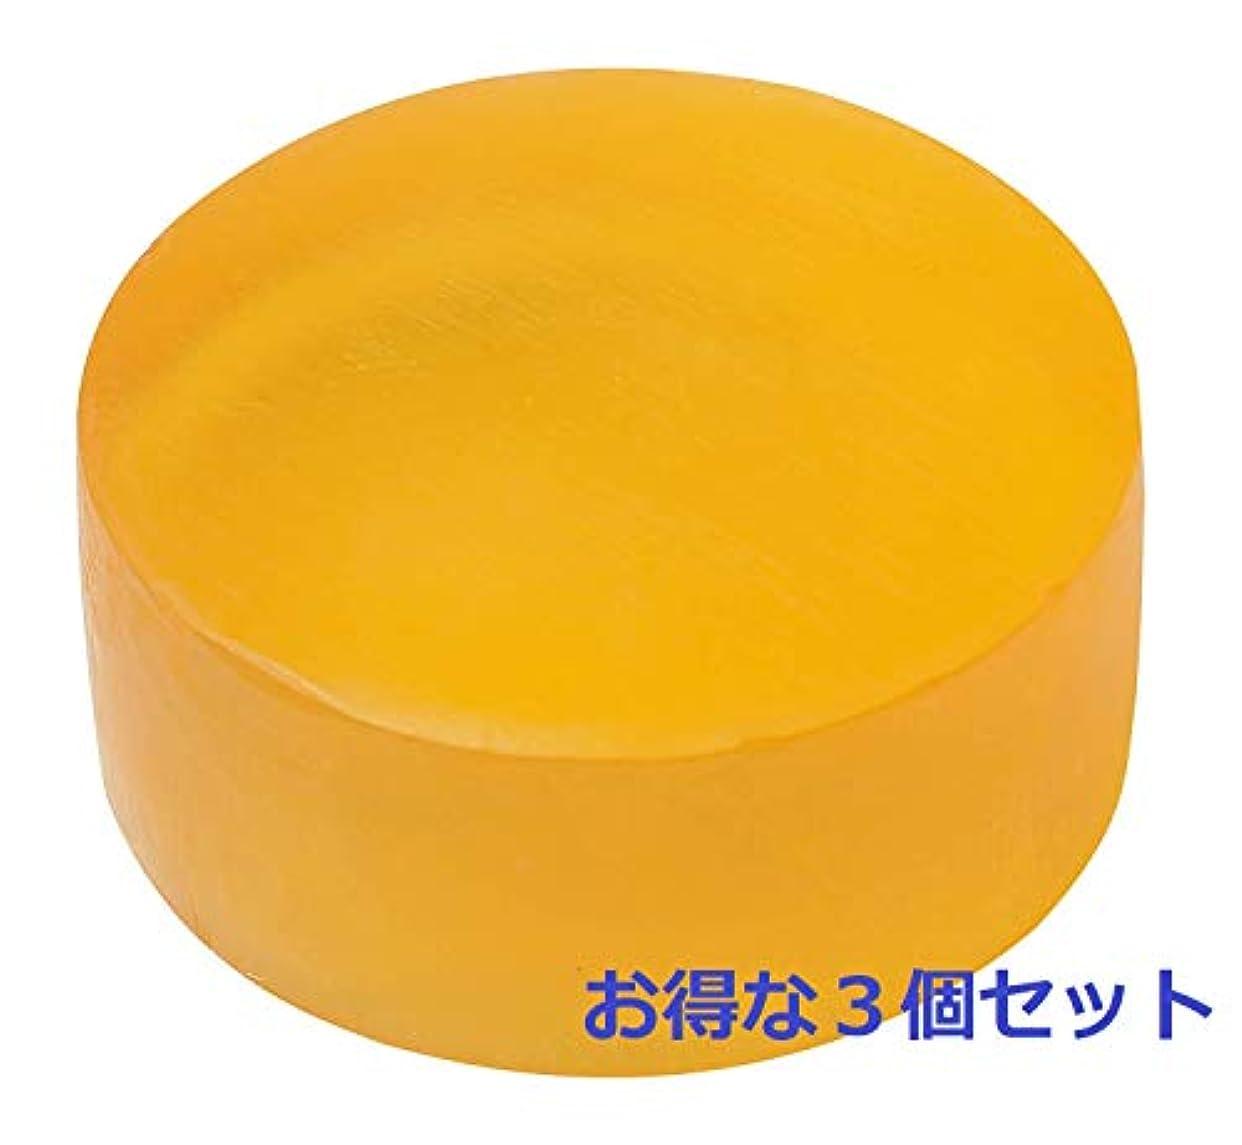 むき出しぼかすカップルプラスリストア クレンジングソープ 熟成 洗顔石鹸 メイク落とし 3個セット